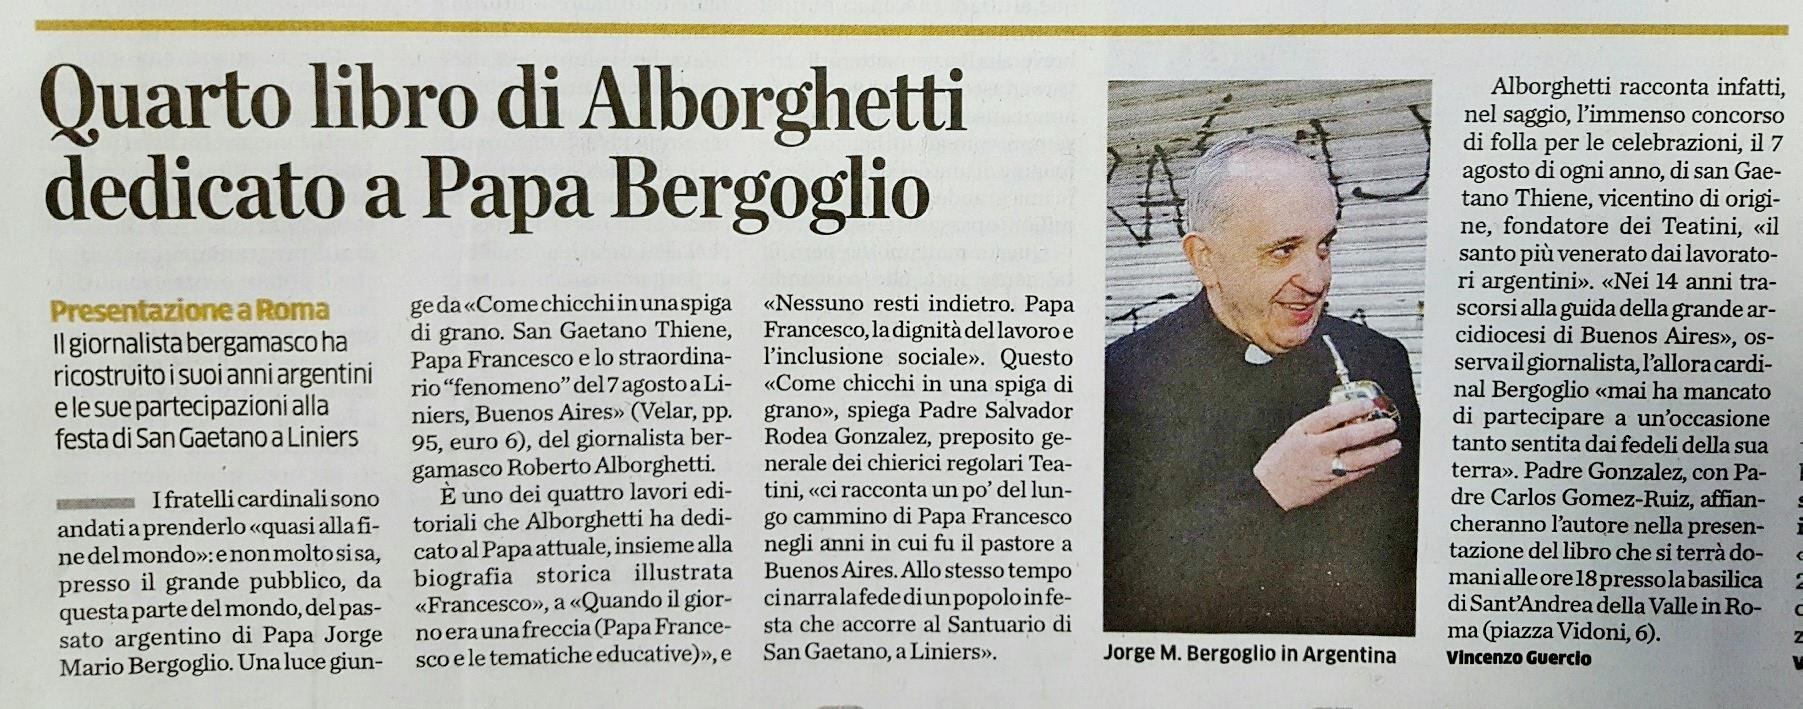 Articolo L'Eco di Bergamo 12/01/2017